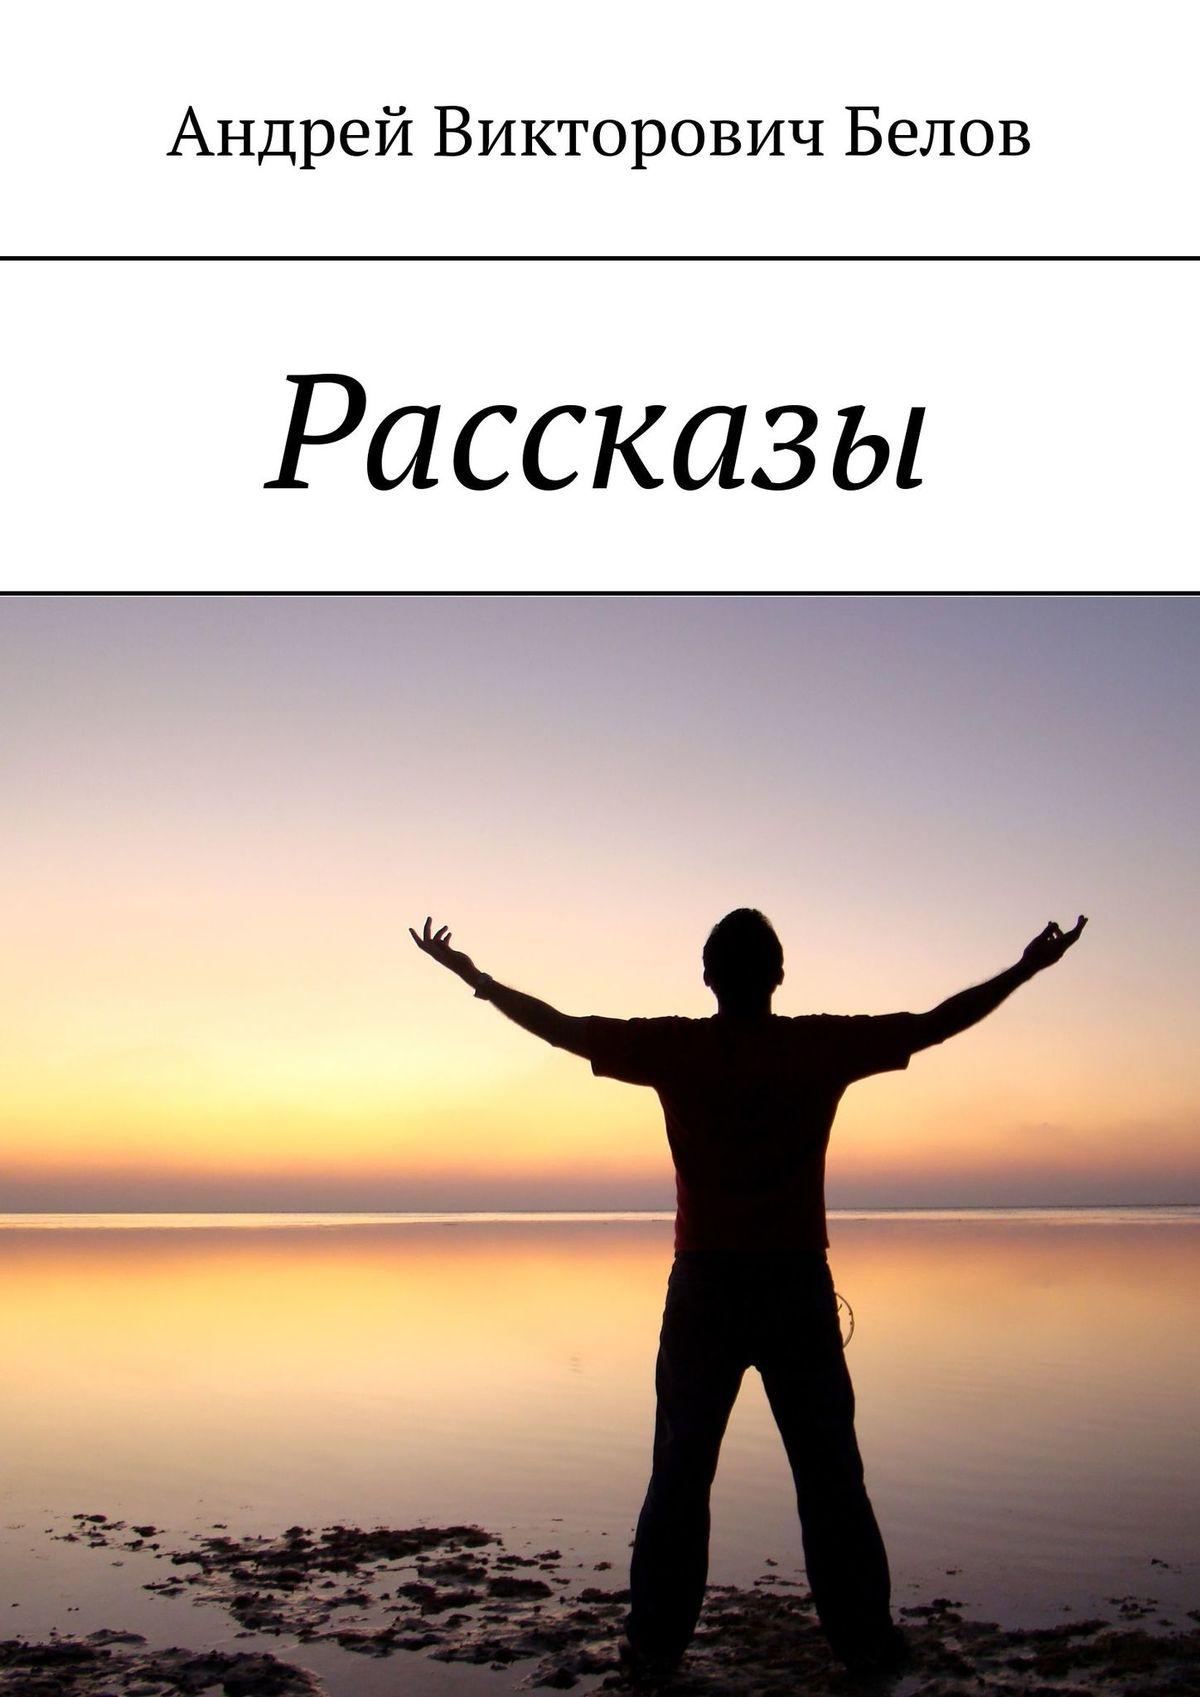 Андрей Викторович Белов Рассказы а шардин исторические рассказы